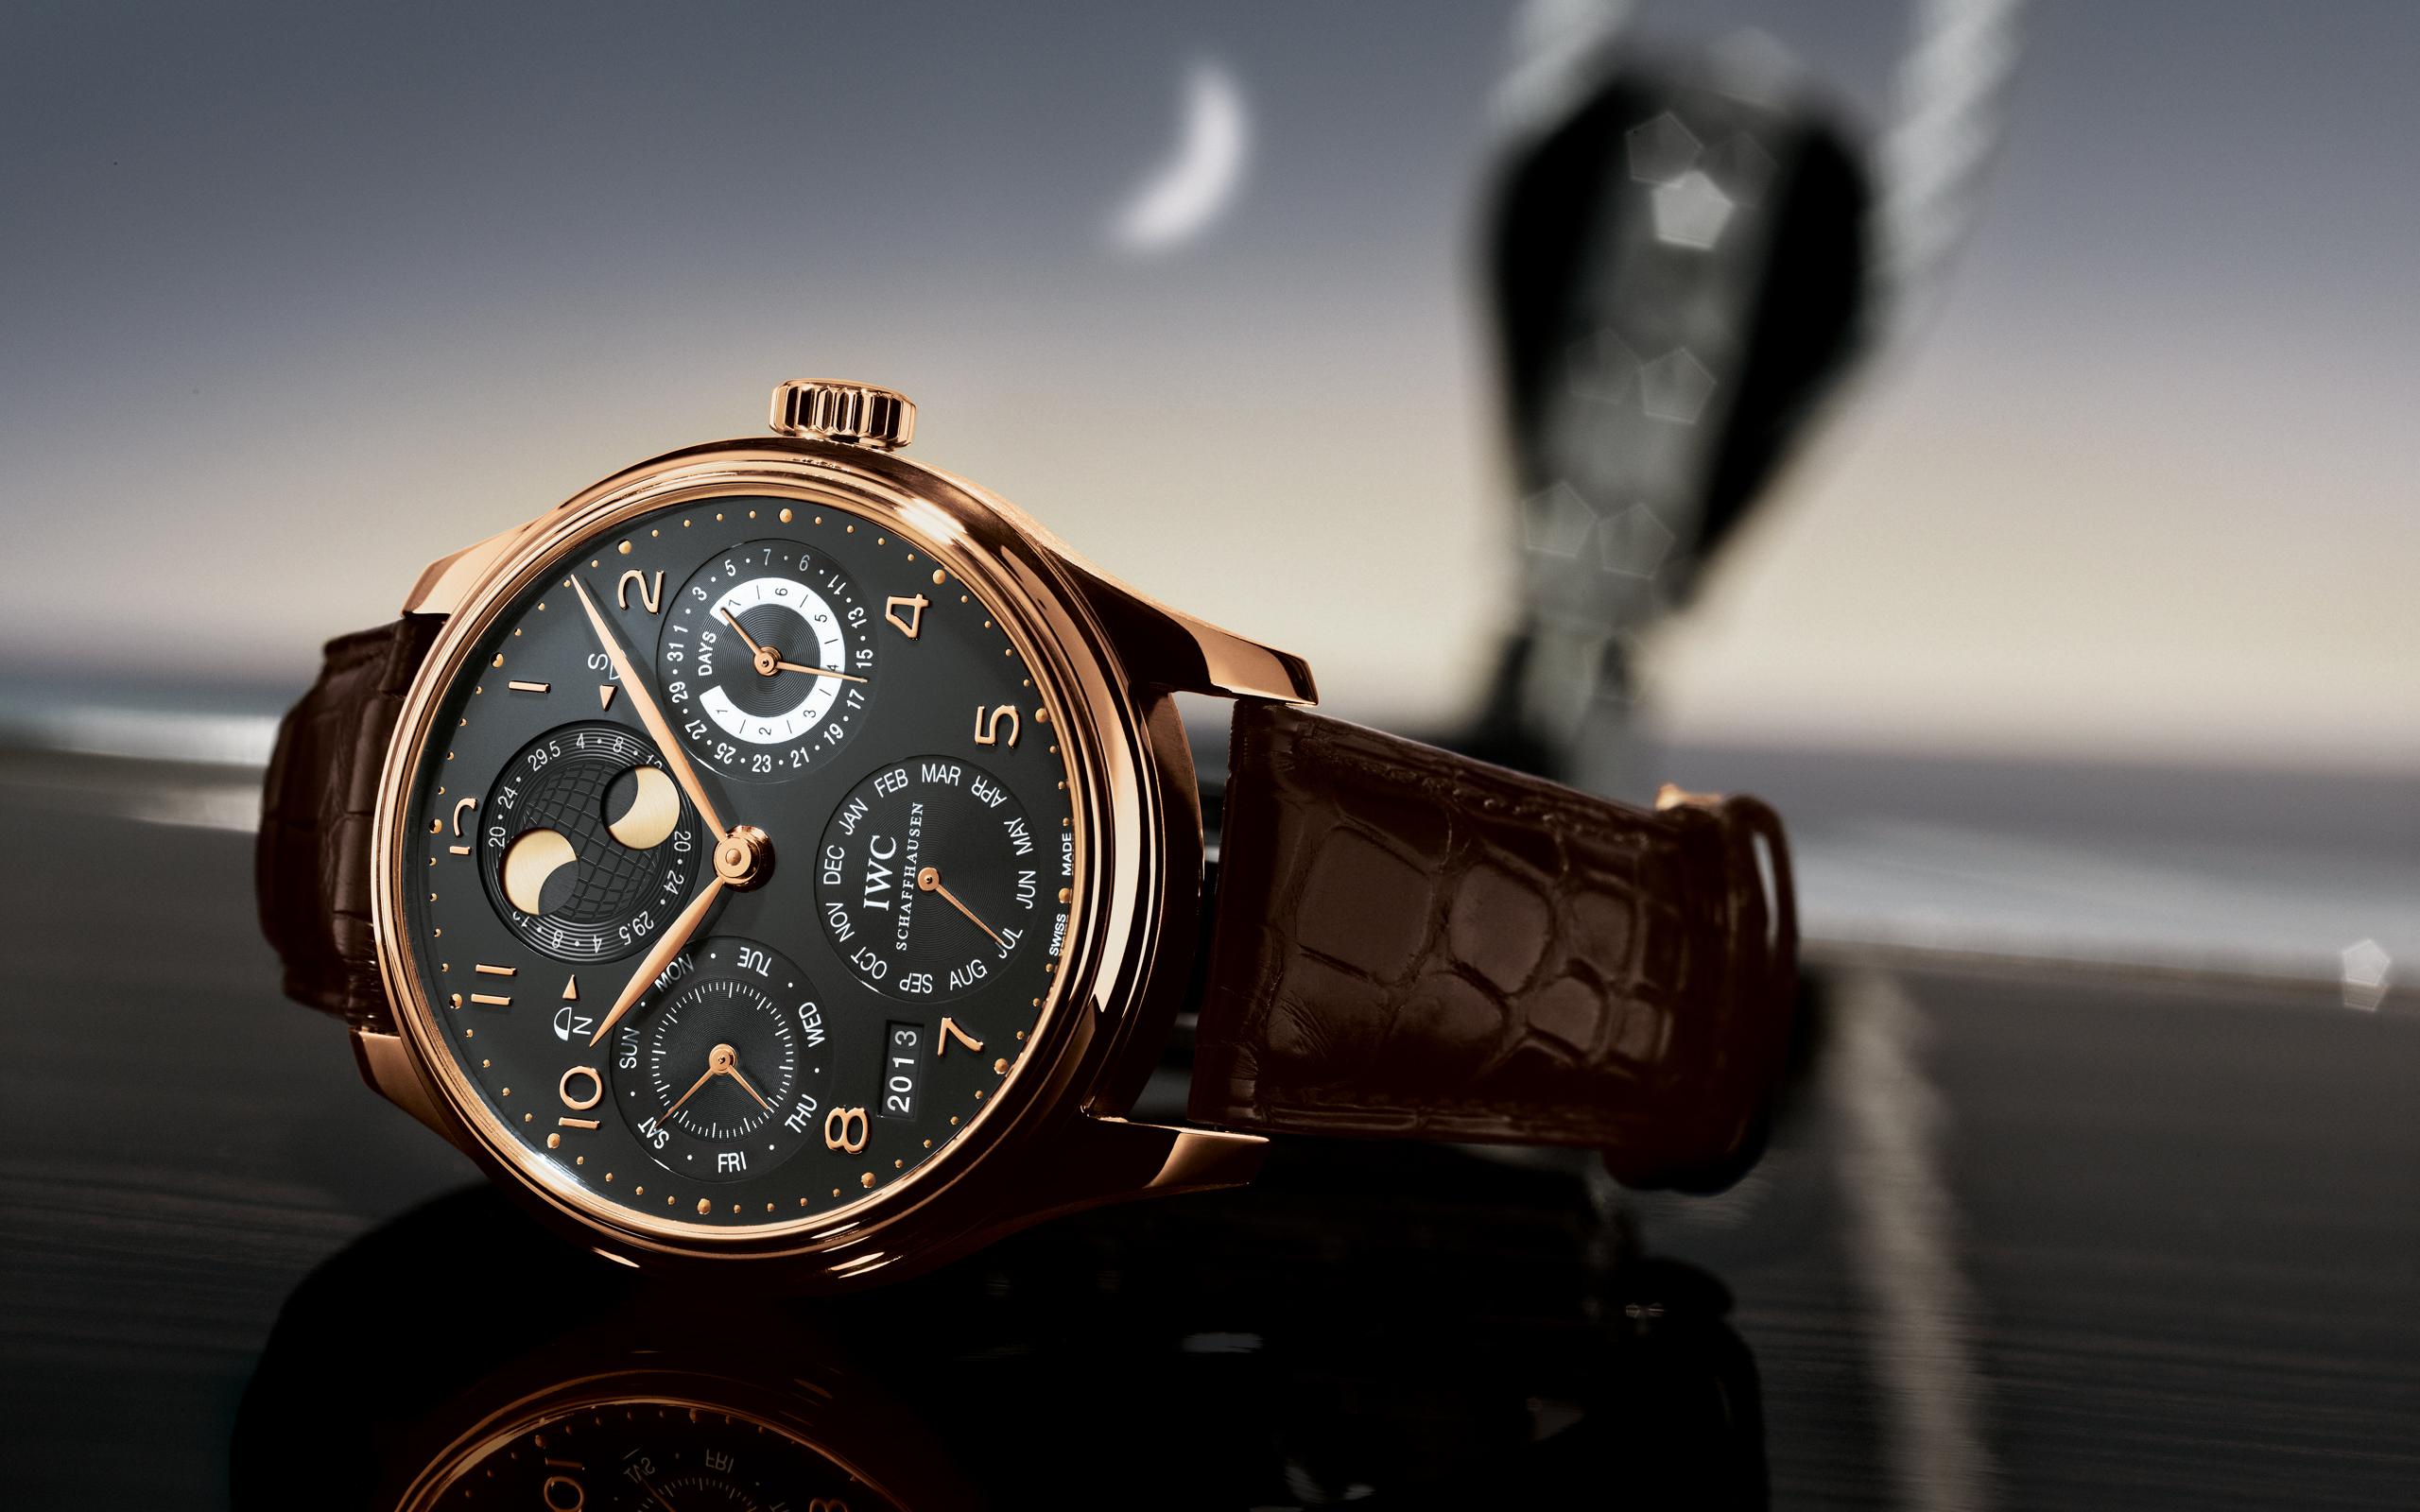 Repliche orologi ecco cosa devi sapere per i falsi di lusso for Offerte orologi di lusso